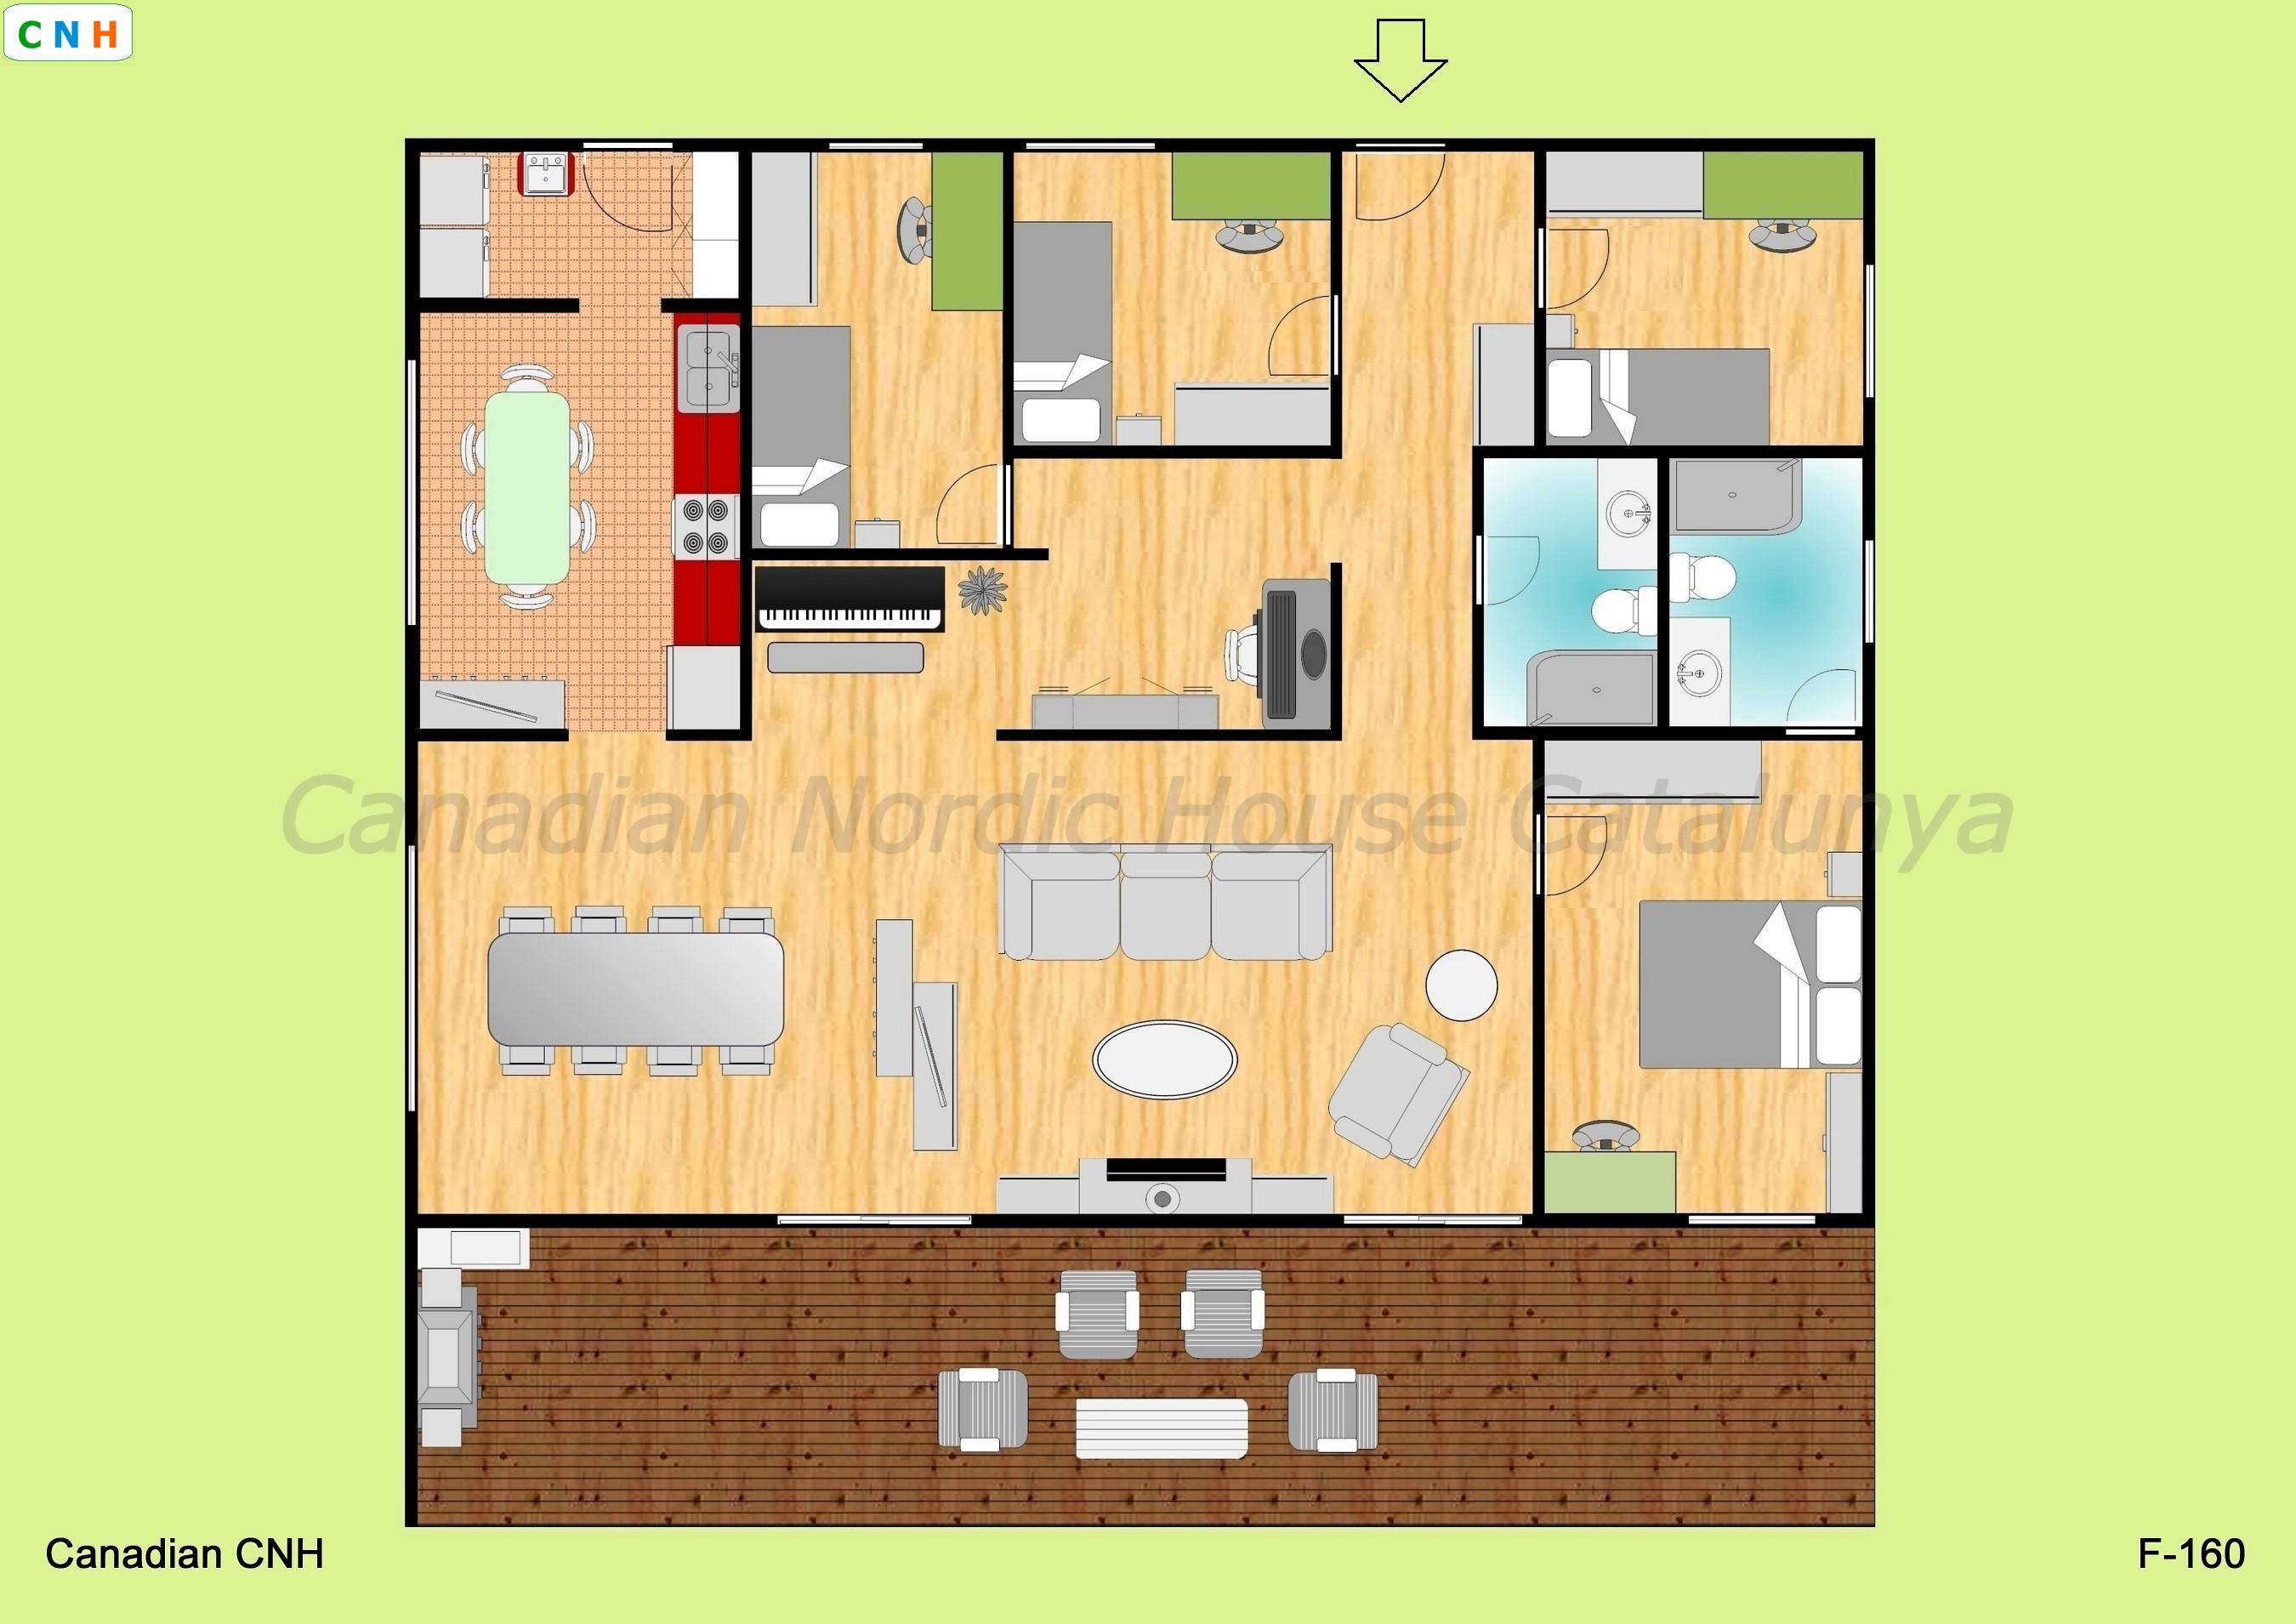 4 habitaciones - Construcciones de casas de madera ...